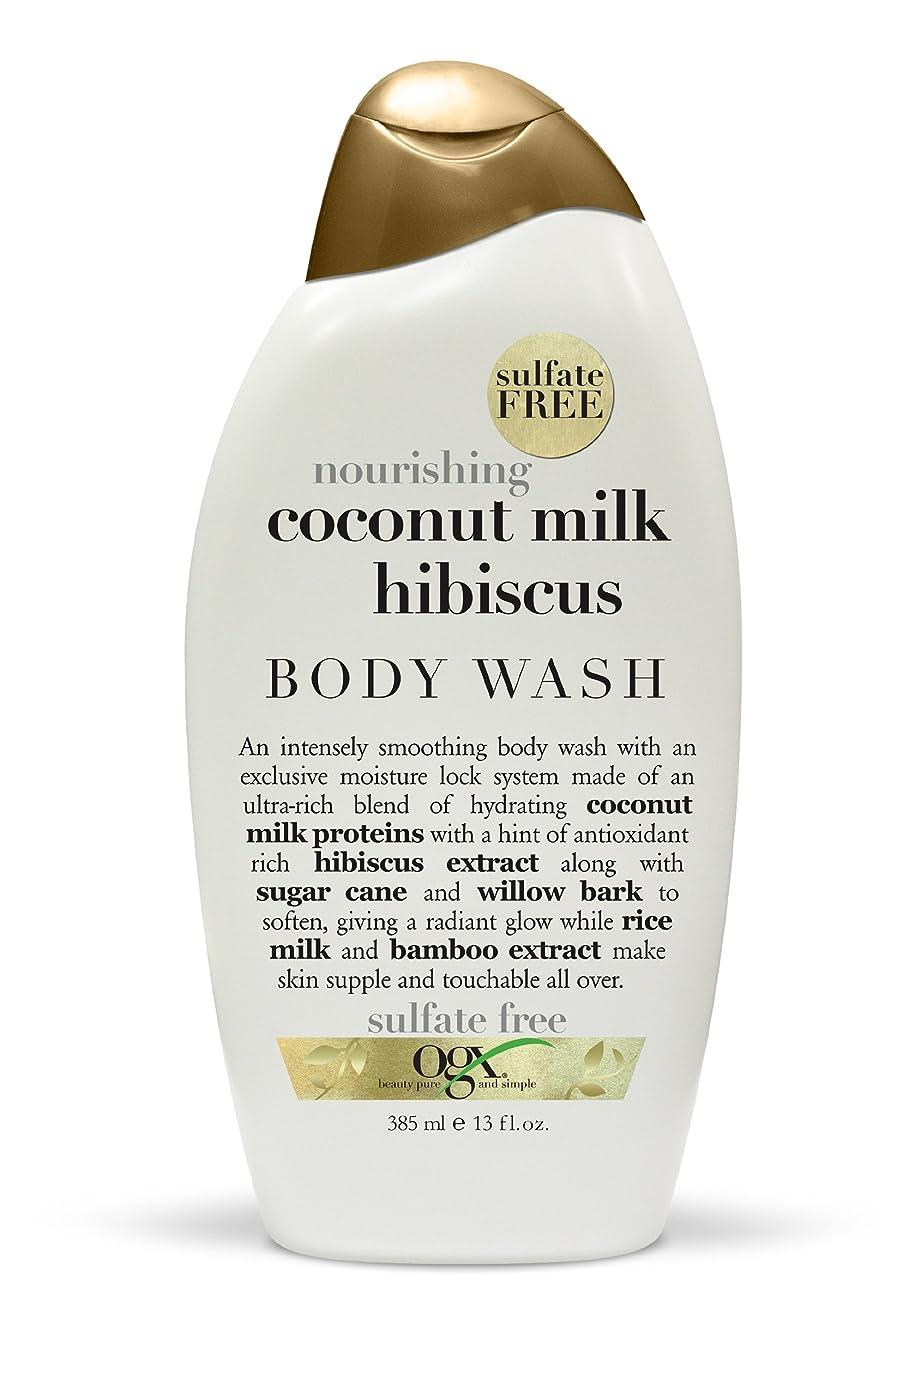 溶融資本主義を通してOrganix Body Wash Coconut Milk 385 ml (Nourishing) (並行輸入品)